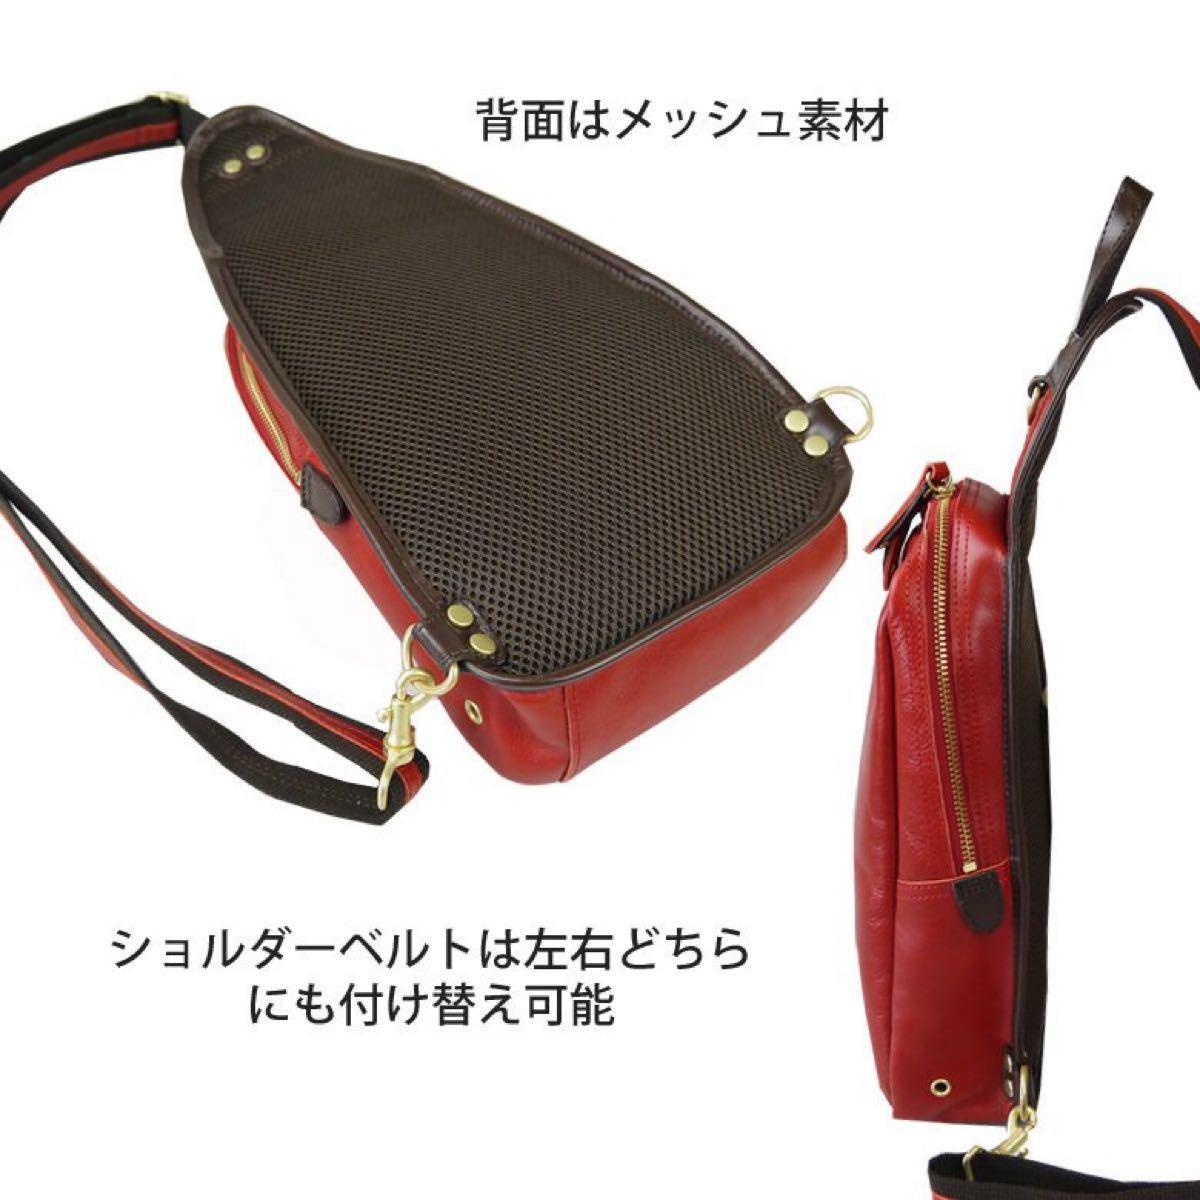 ボディバッグ メンズ DOUBLES バッグ 本革 レザー ショルダーバッグ 革 ダブルス かばん ブランド YIX-1401